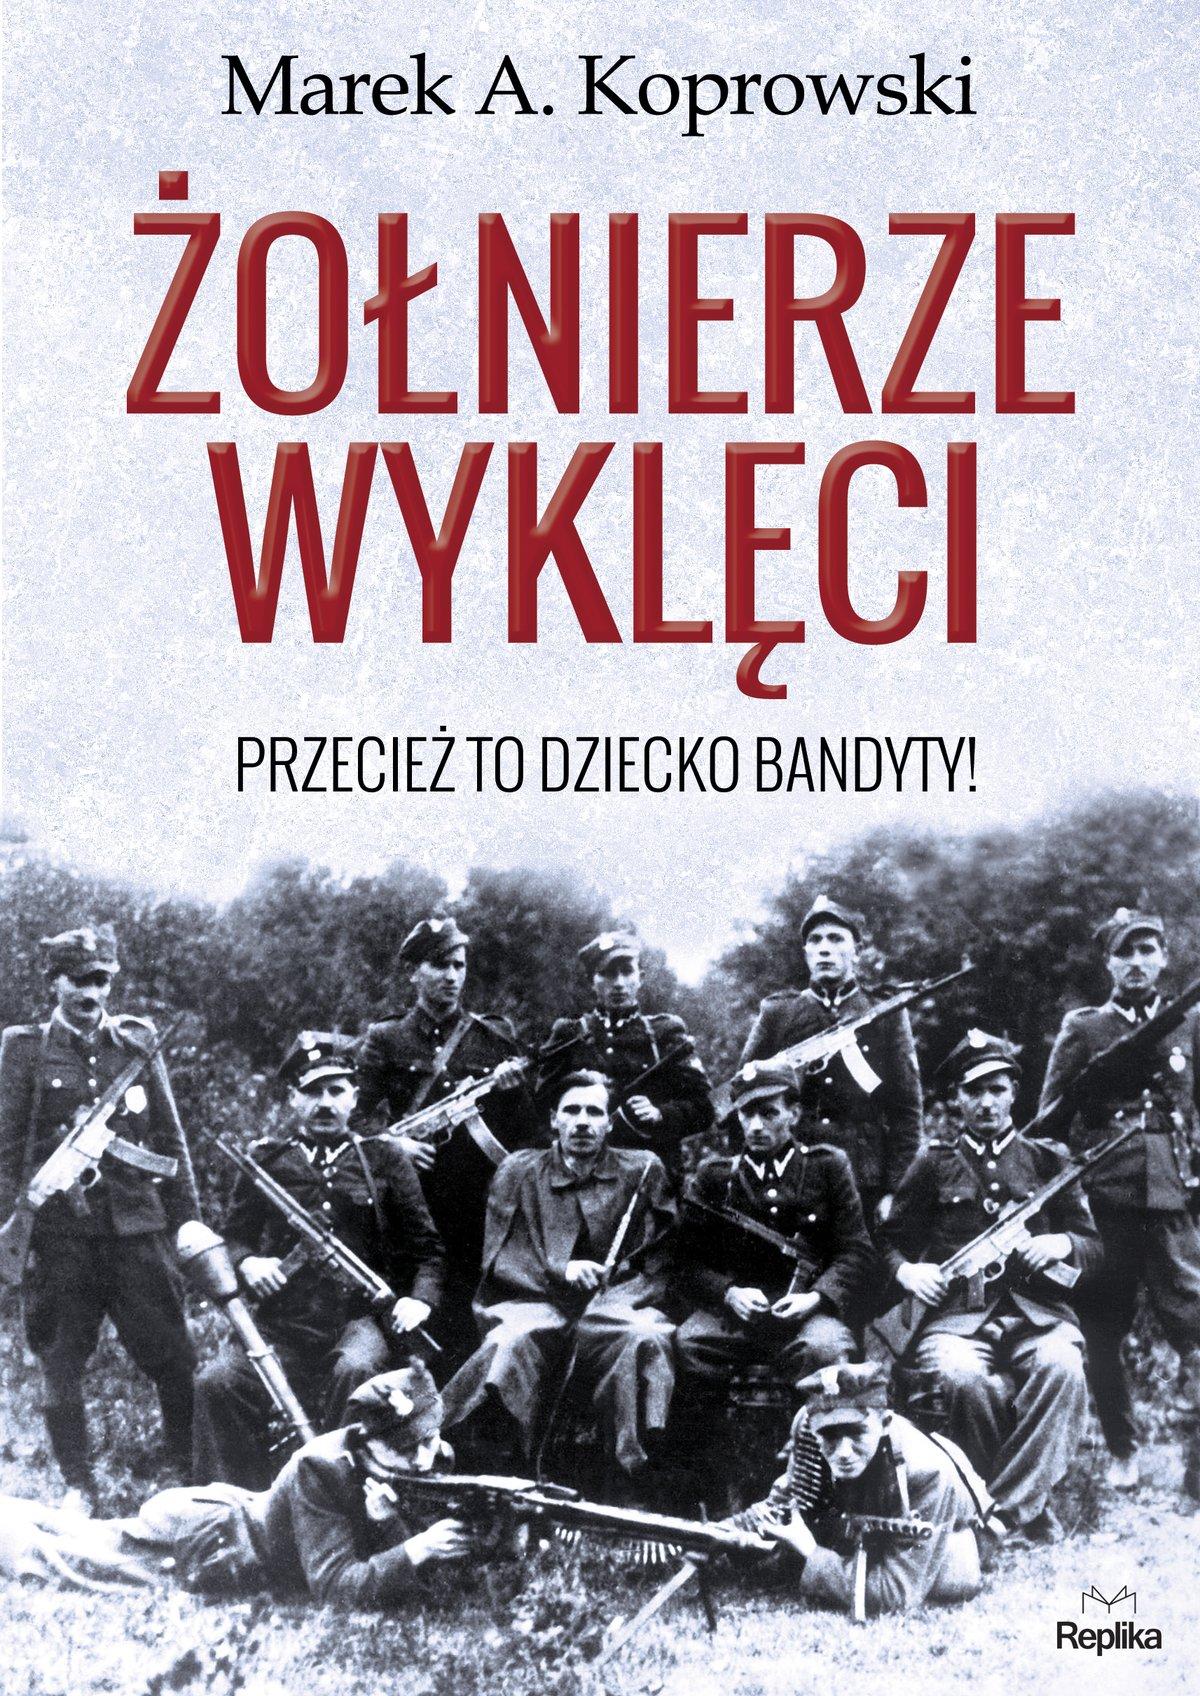 Żołnierze Wyklęci. Przecież to dziecko bandyty! - Ebook (Książka na Kindle) do pobrania w formacie MOBI